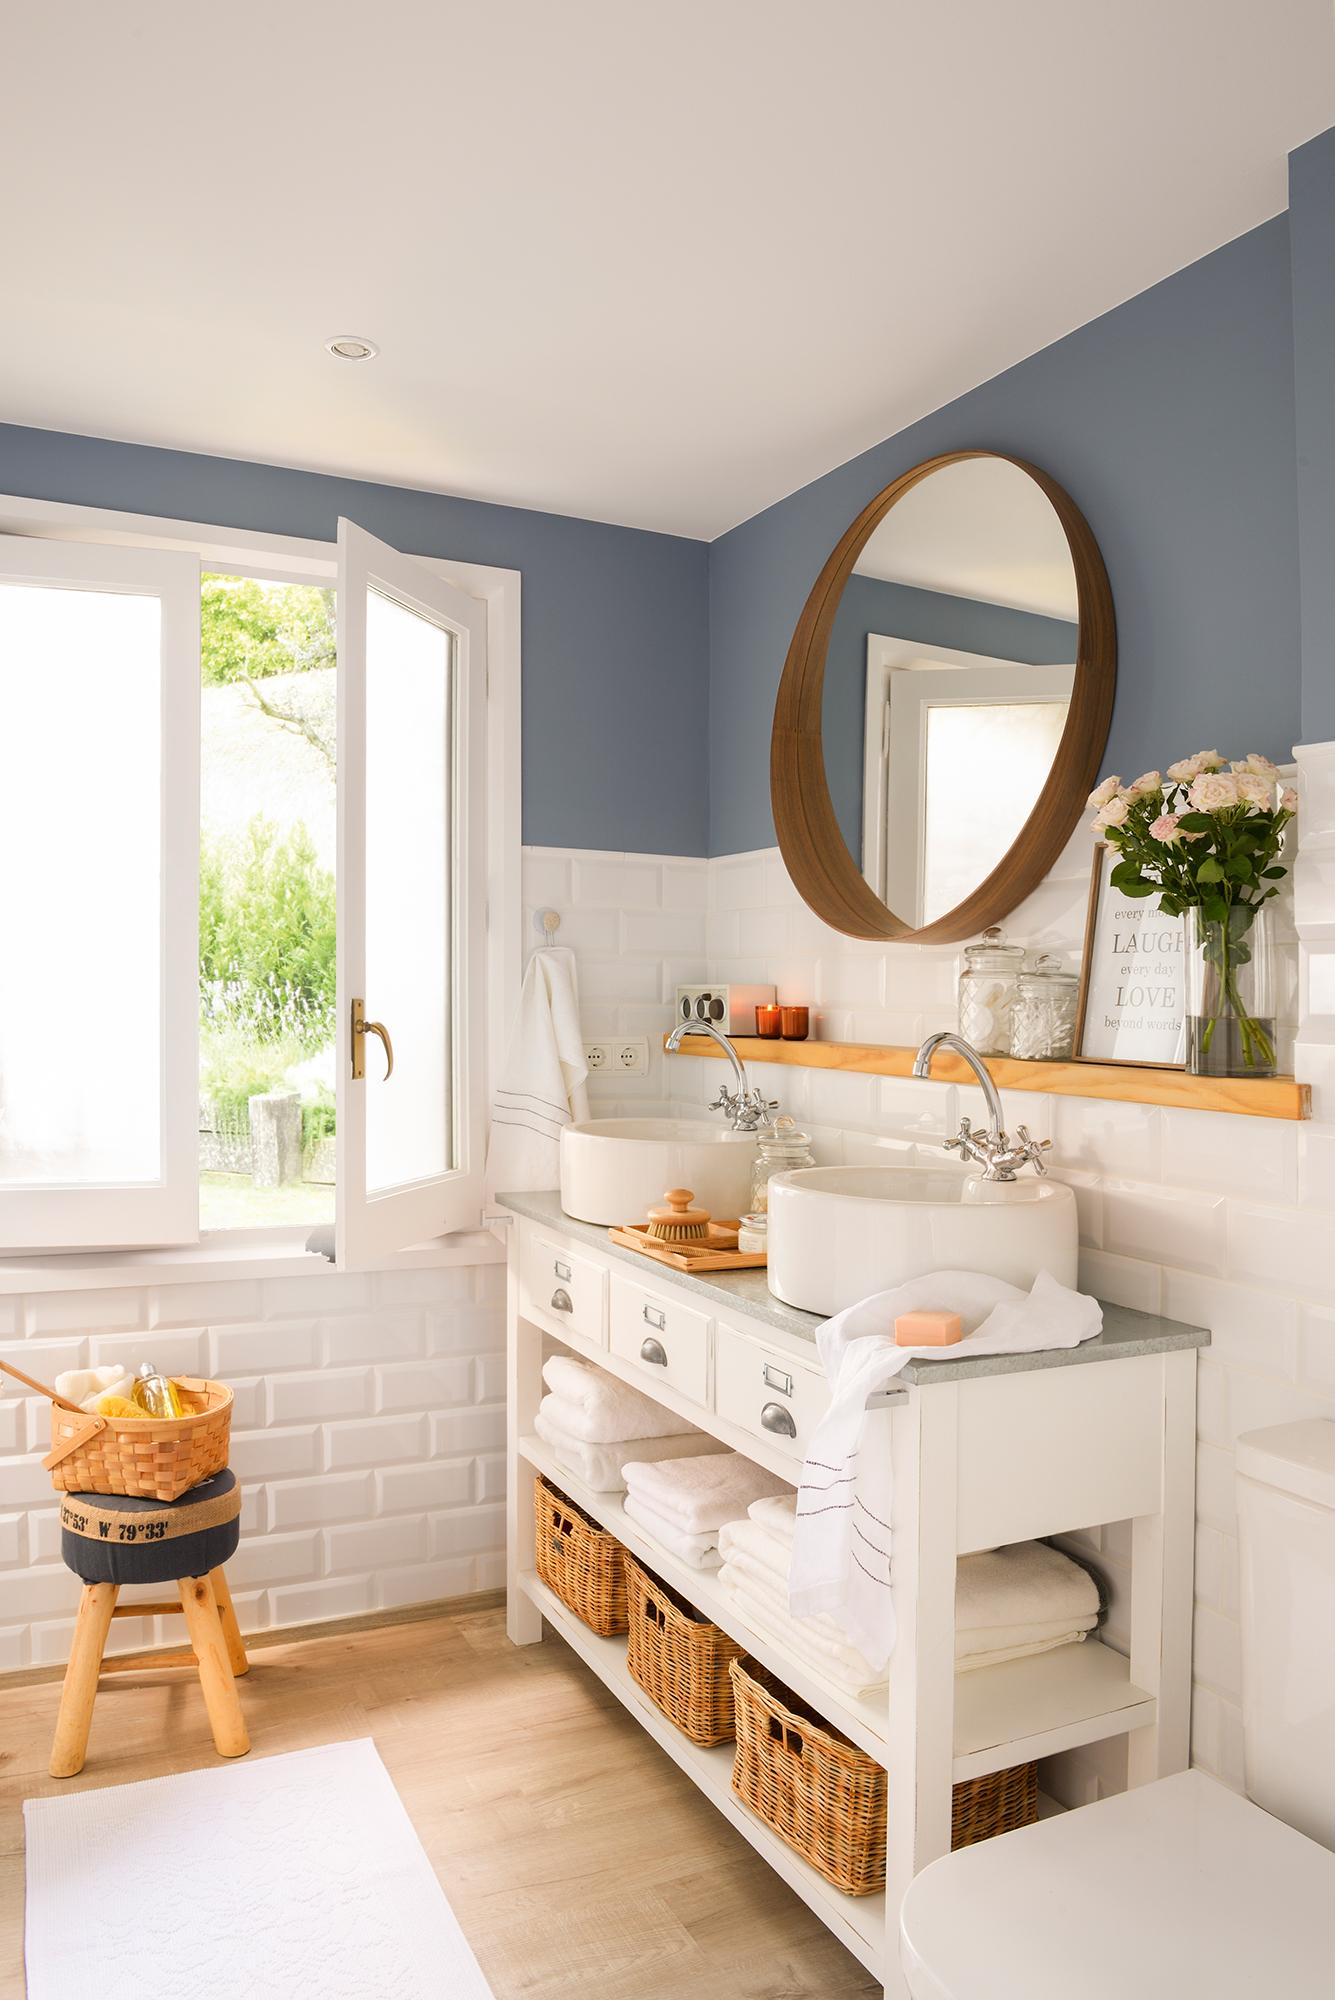 ea25f5e24dbf3 Baño con paredes alicatadas en blanco y la parte superior pintada en azul   00426636. Líneas